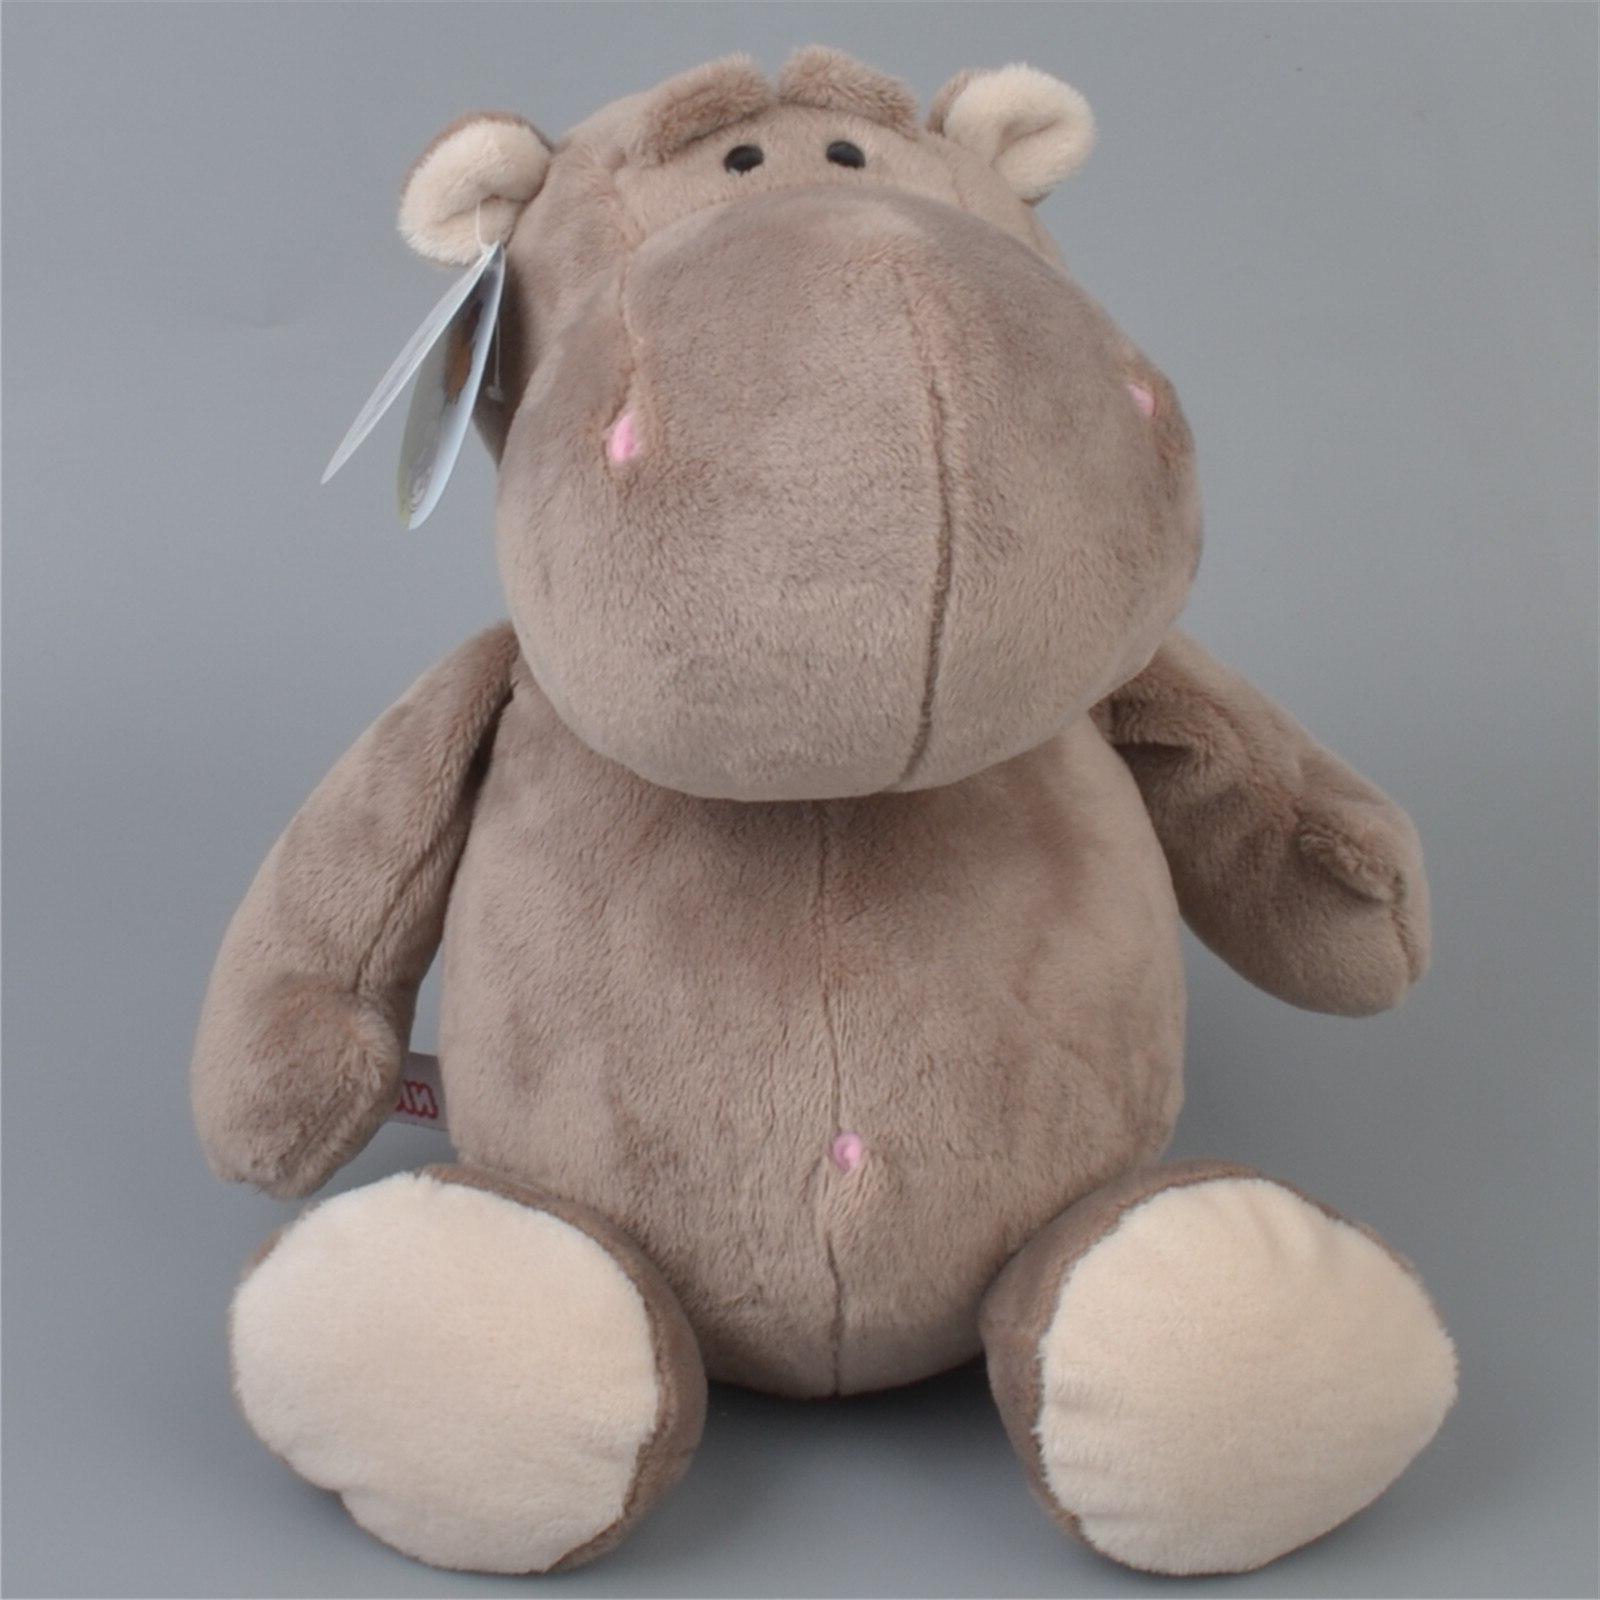 25 cm- 40 cm White Grey <font><b>zoo</b></font> Hippo <font><b>Stuffed</b></font> Plush Toy, Kids Gift